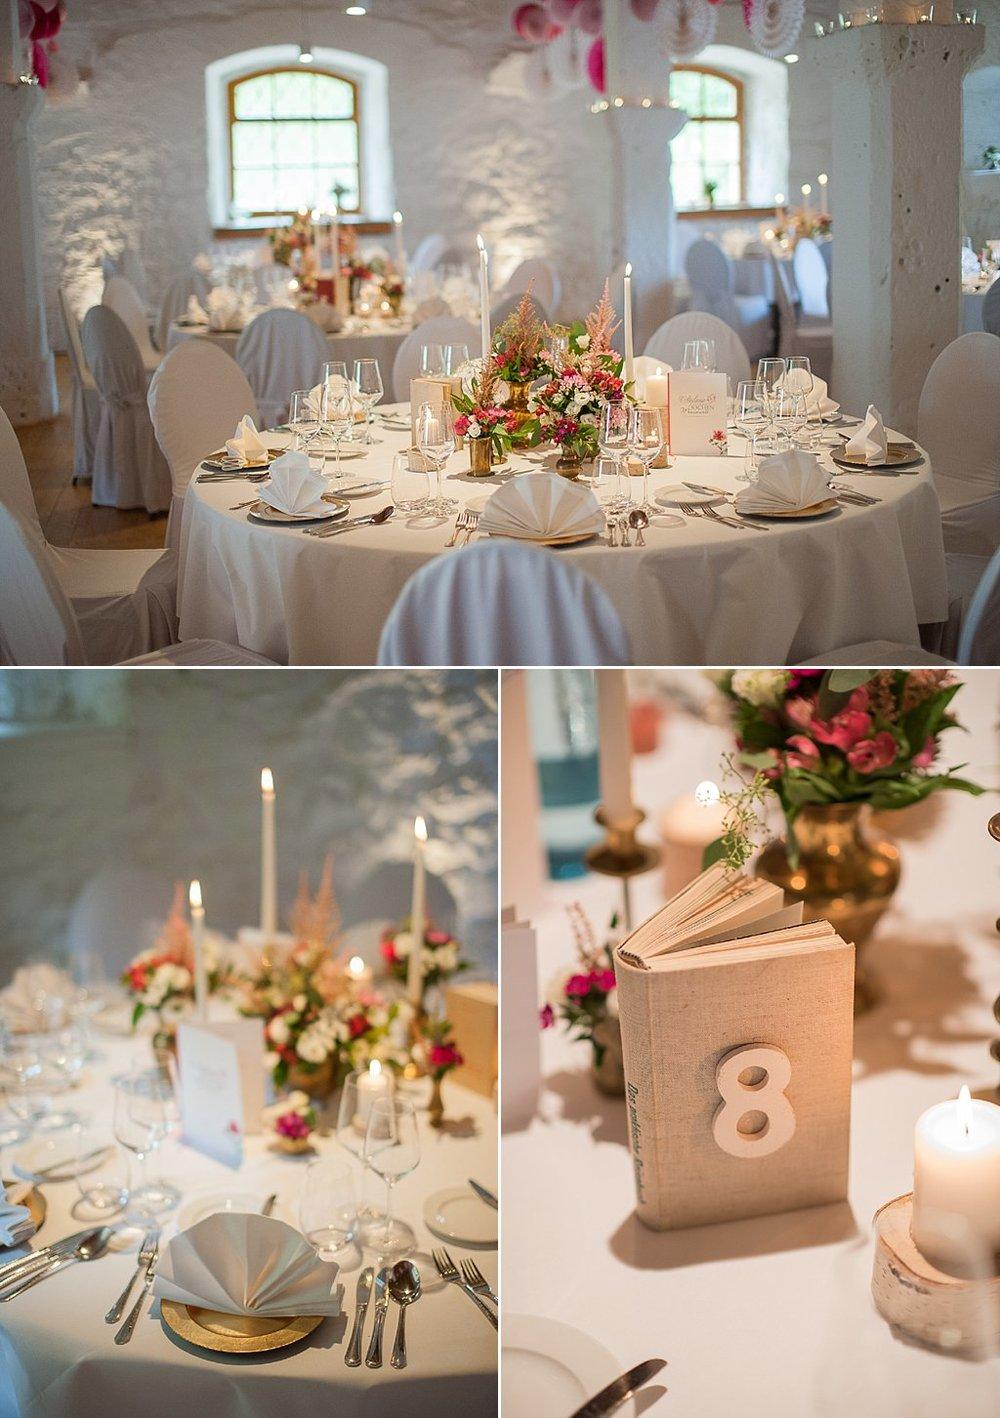 Buch Tischnummer für Hochzeitsfeiern